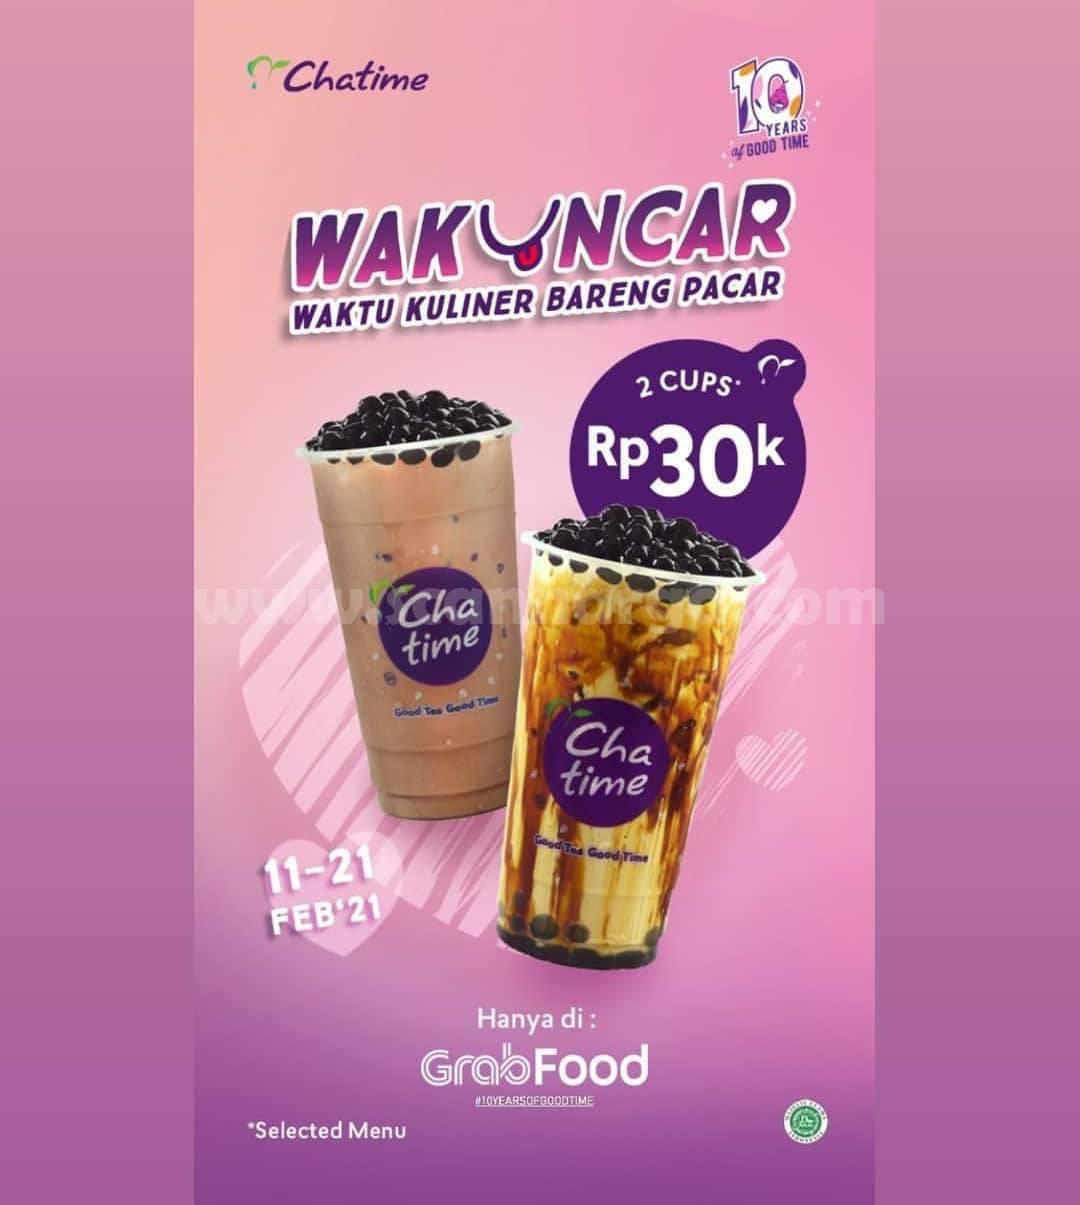 CHATIME Promo WAKUNCAR! Beli 2 Cup Rp 30K atau 2 PopCan Rp 40K*